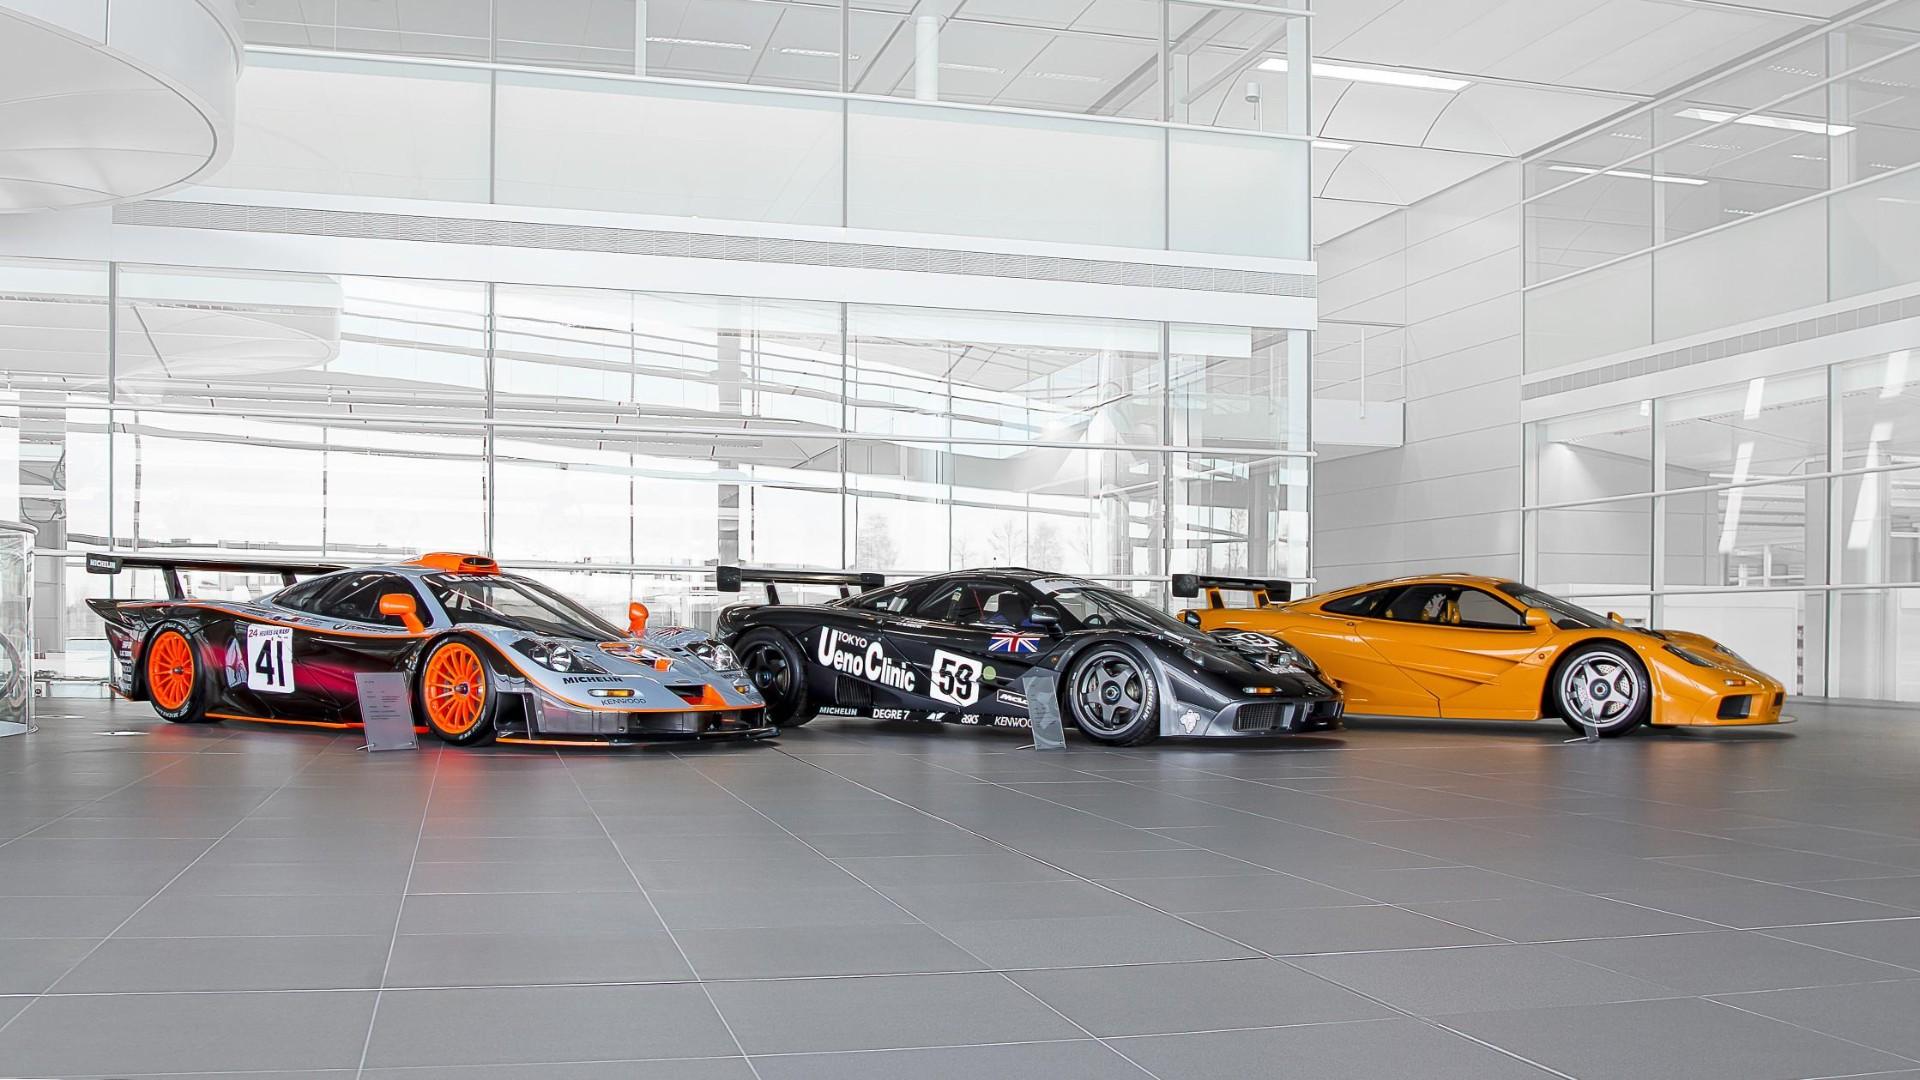 Le Mans road cars